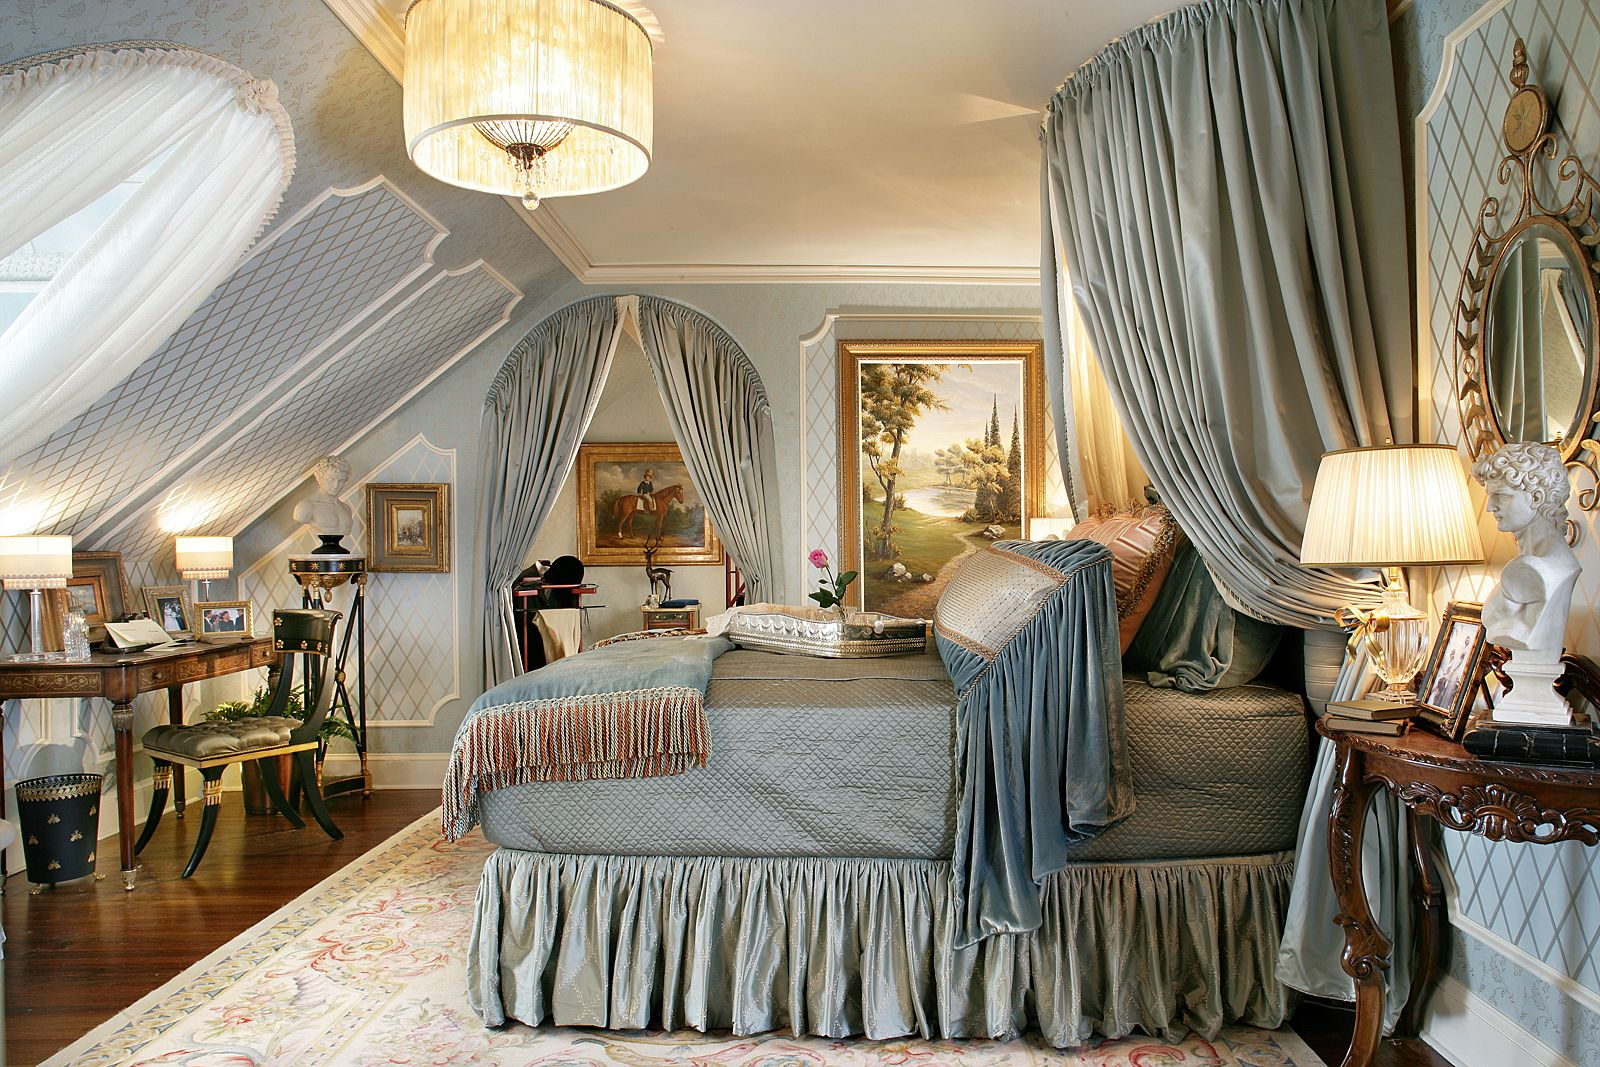 Элегантные гардины, витые формы, ажурные столики и стулья на гнутых ножках, картины в багетных рамках, антикварные украшения и элементы - это все формирует образ роскоши, и в какой-то мере, королевских апартаментов во всей красе